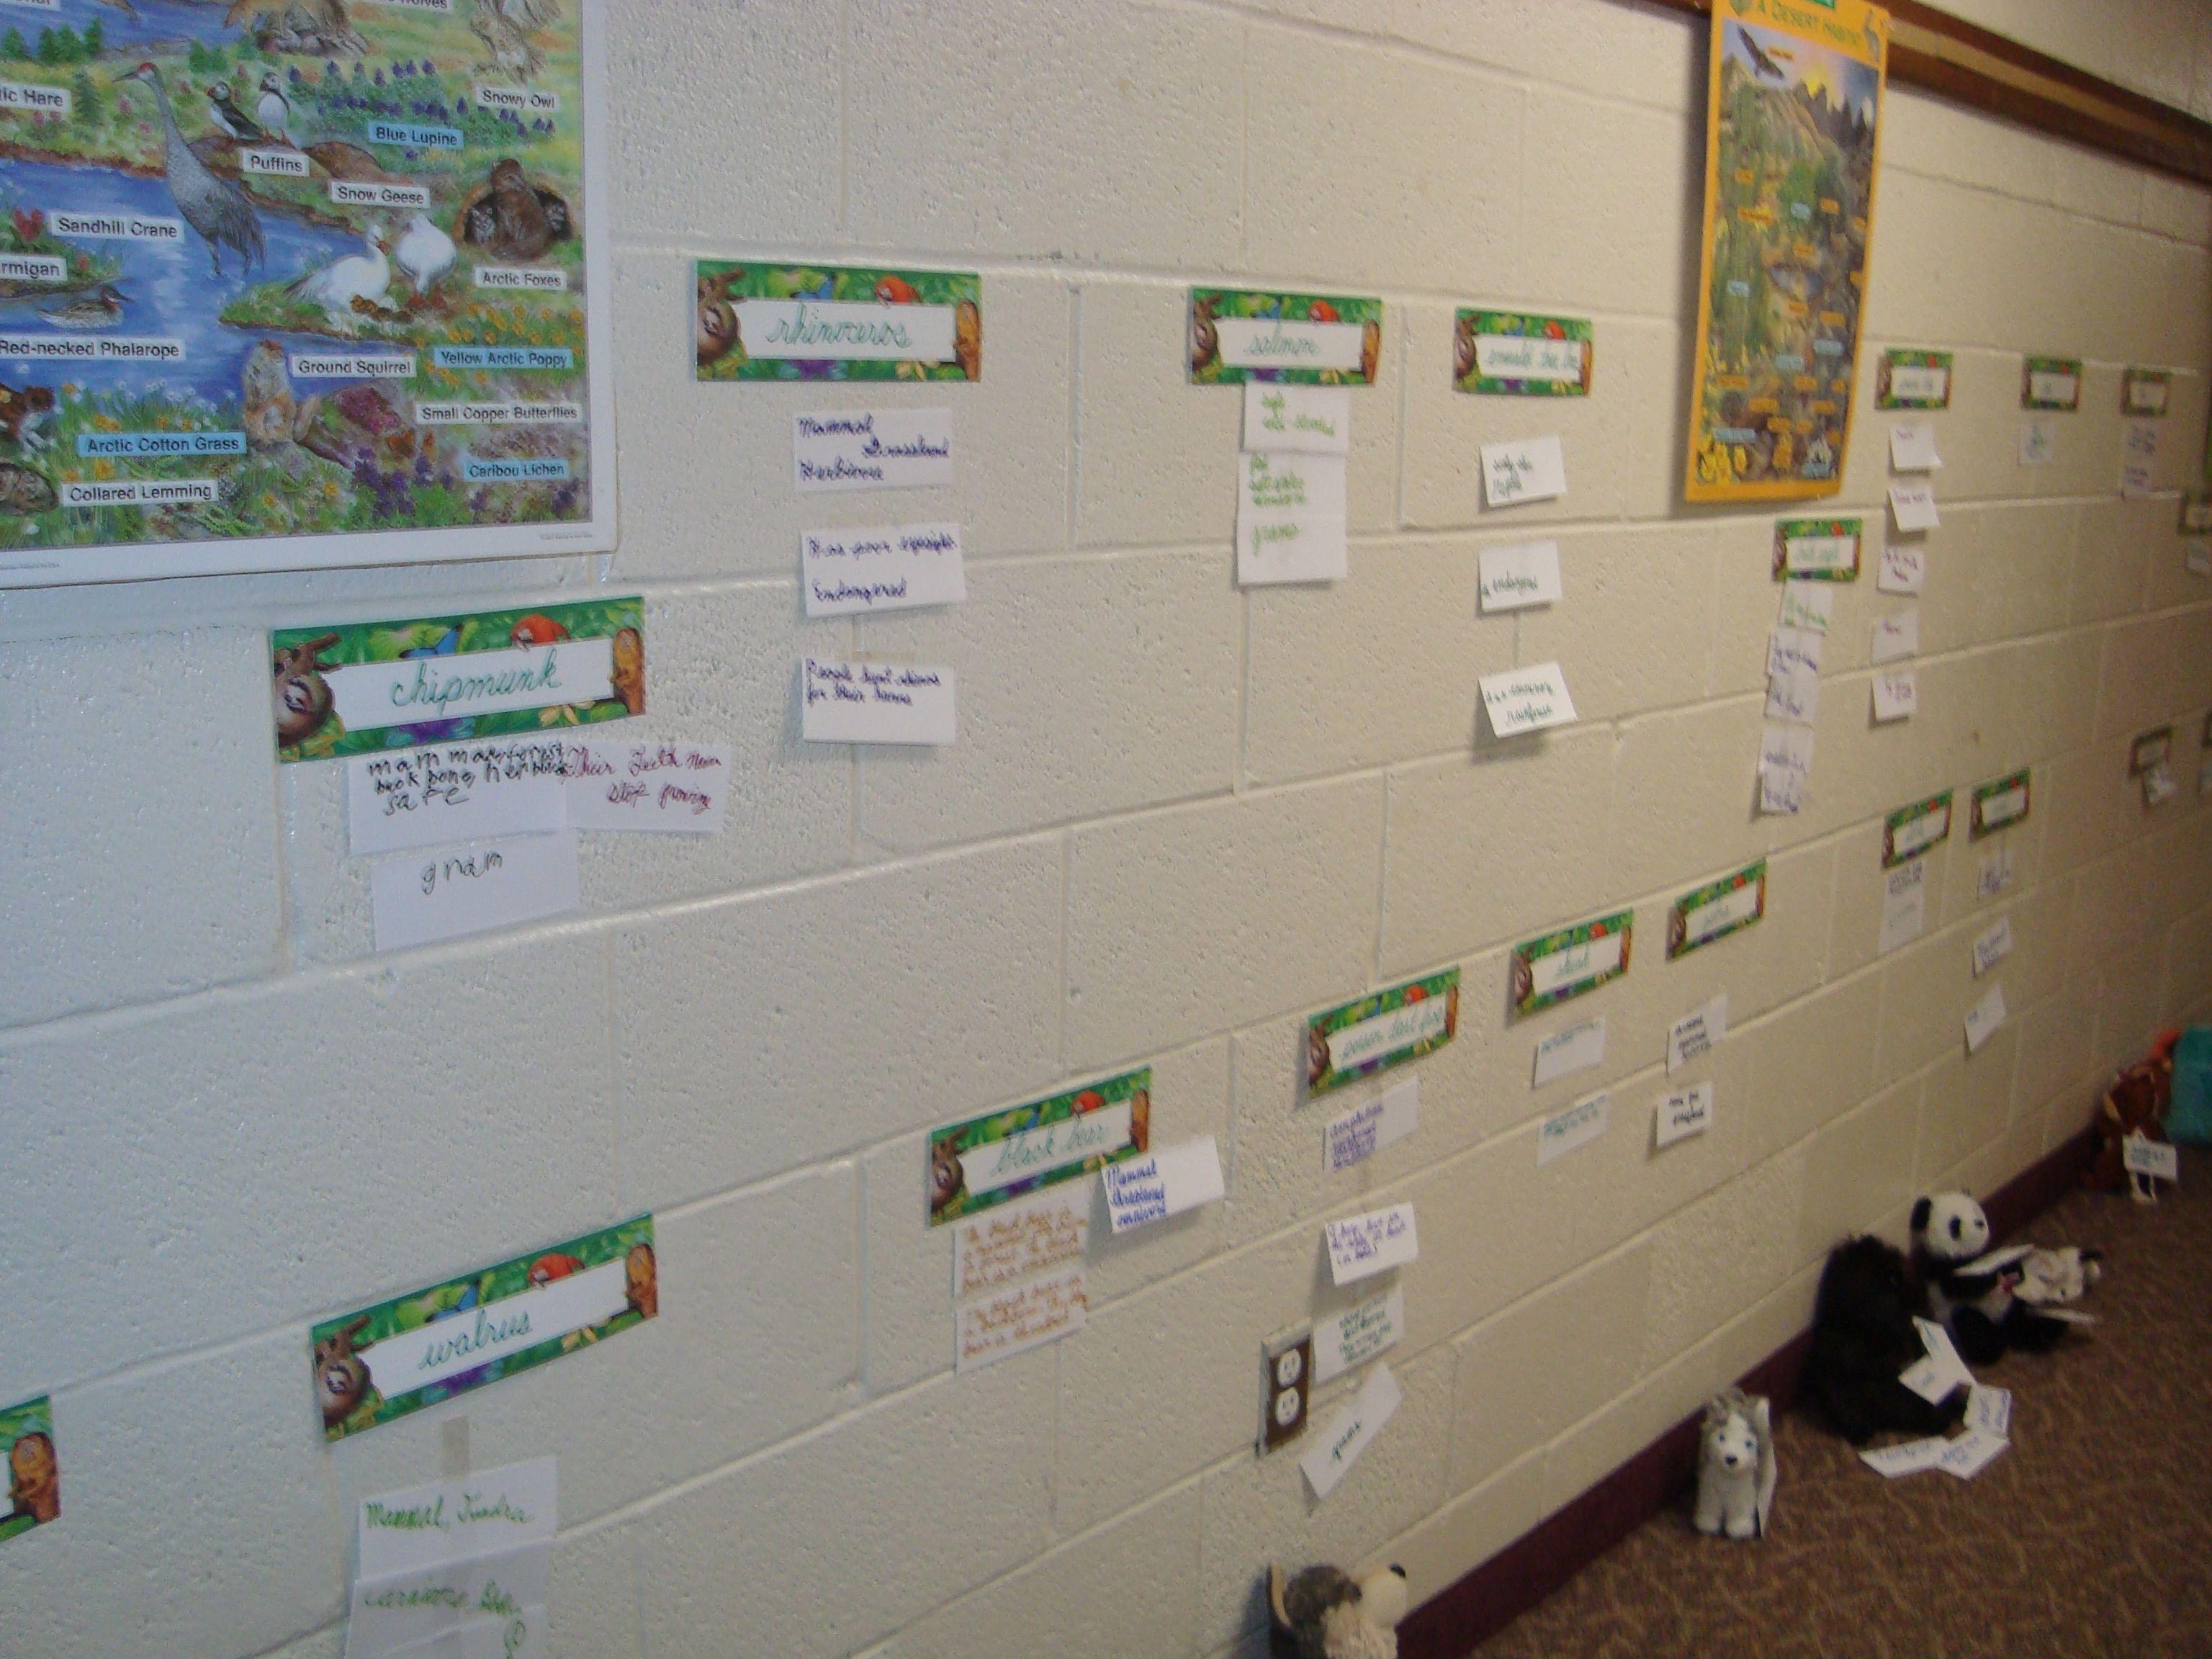 Vertebrate Worksheet For 4th Grade